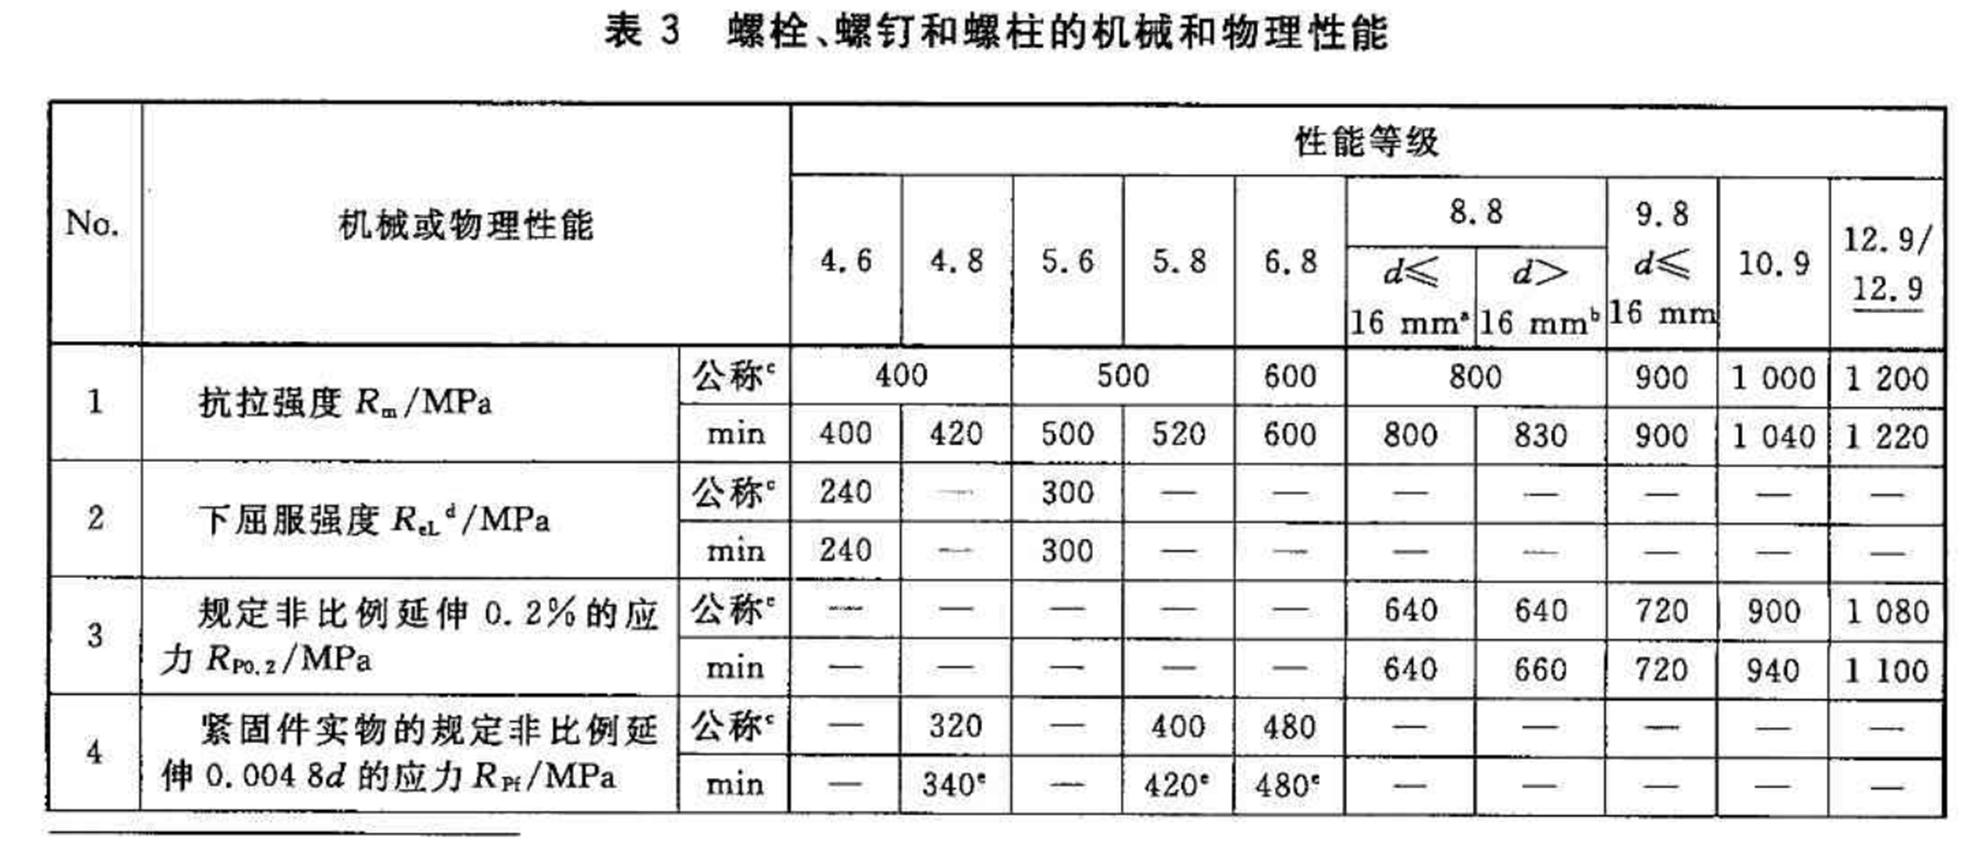 截图来自国标GB/T 3098.1-2010